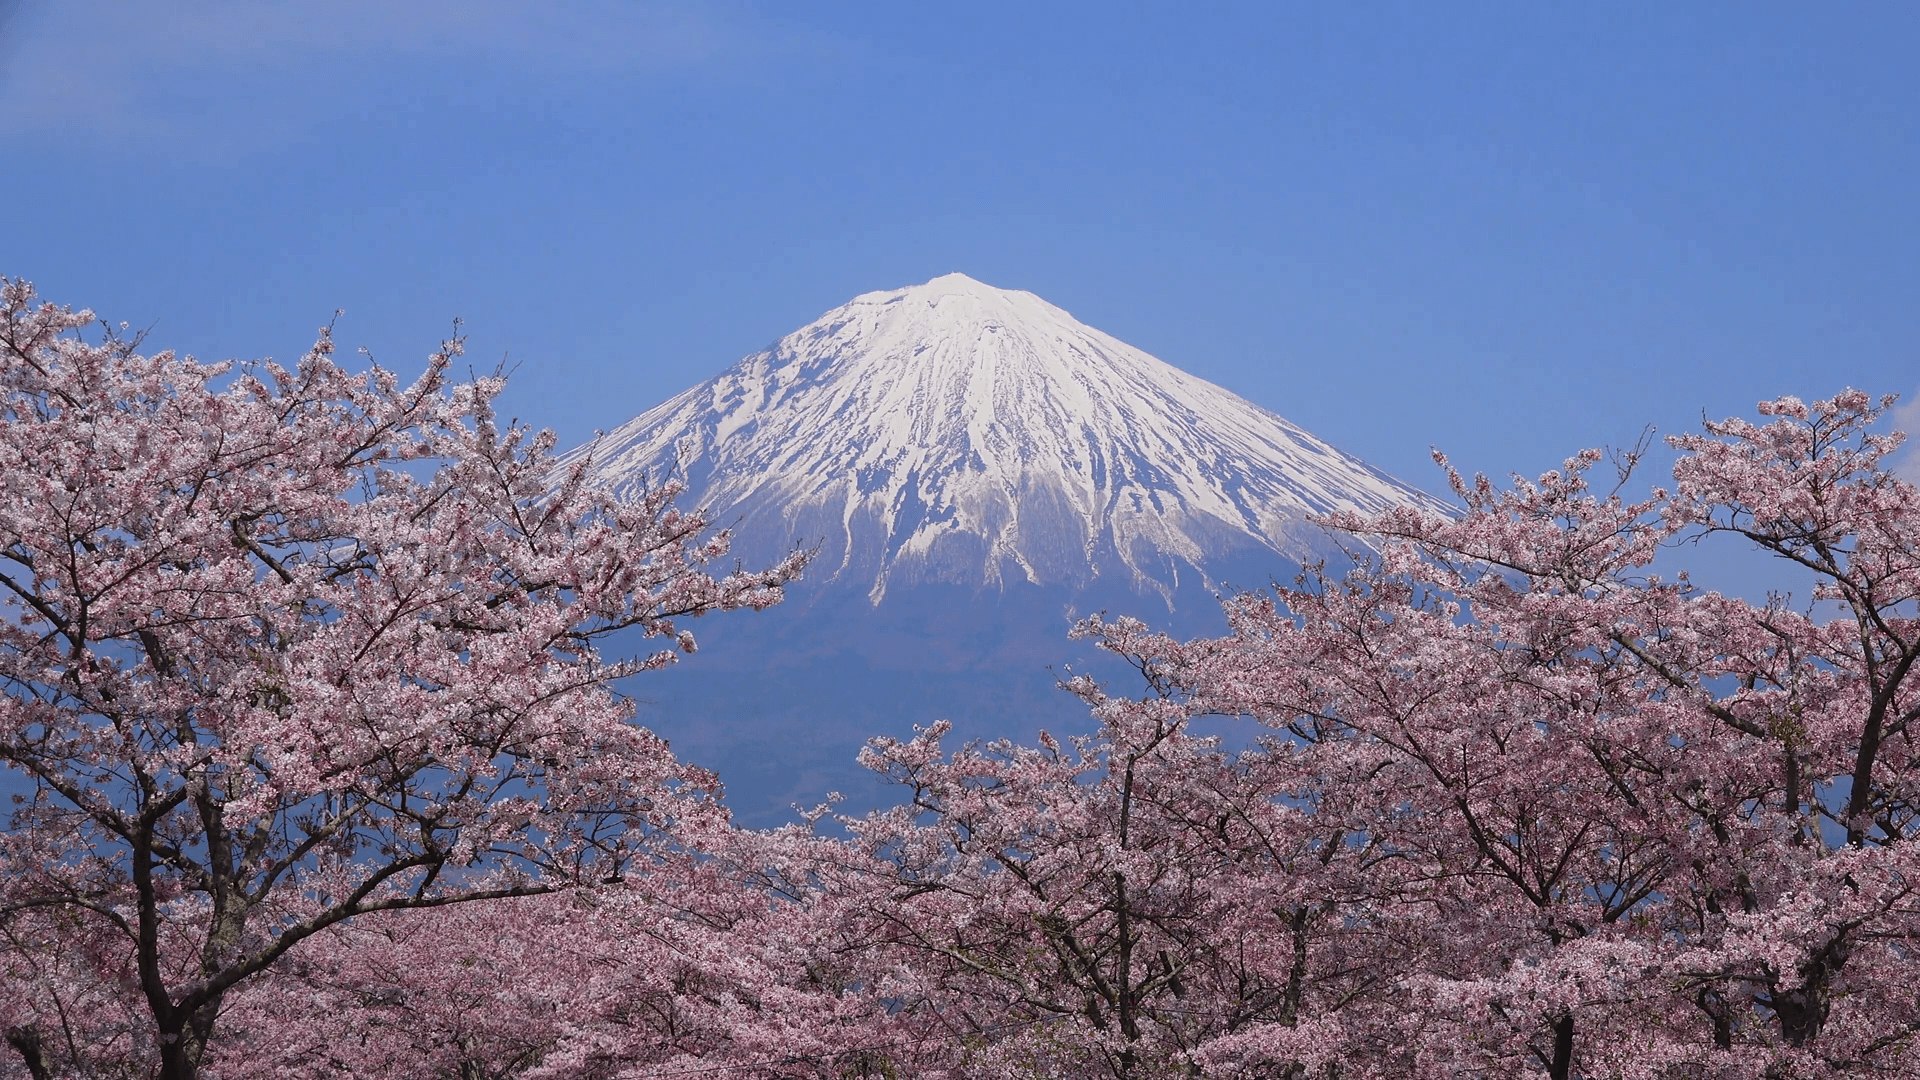 The Wonder Of Fuji Wallpapers Wallpaper Cave